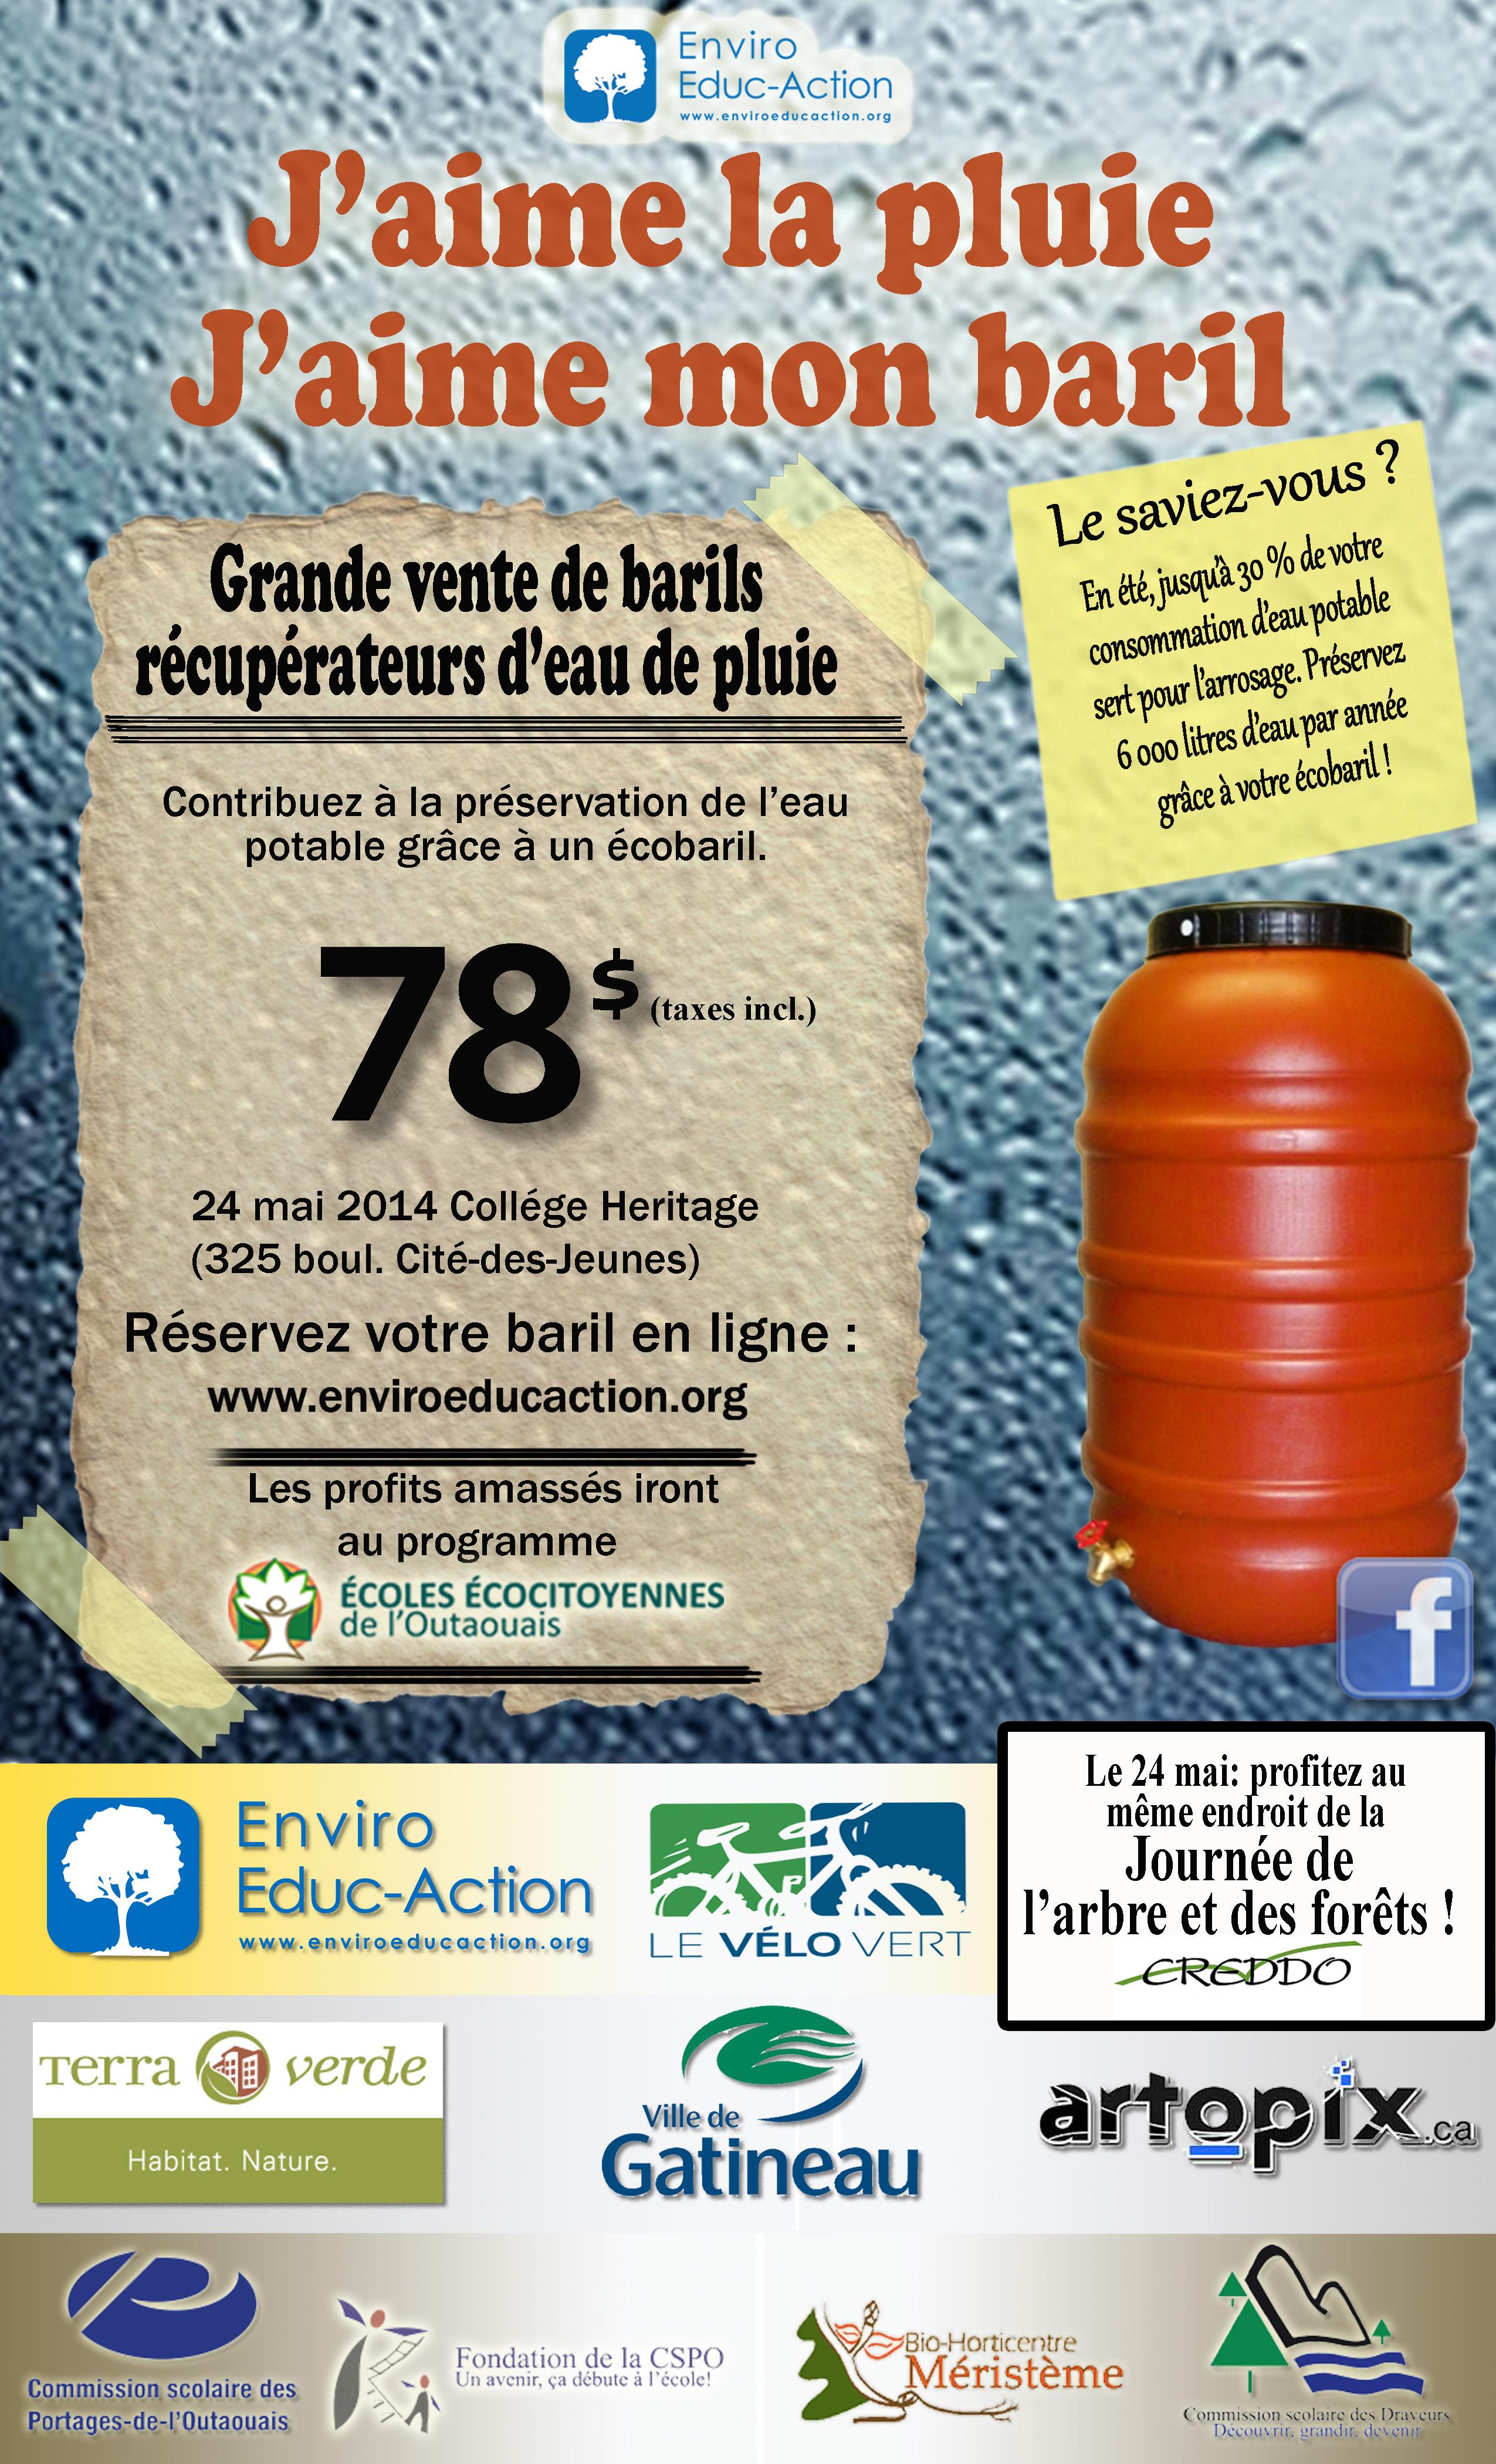 Campagne de distributions de barils récupérateurs d'eau de pluie